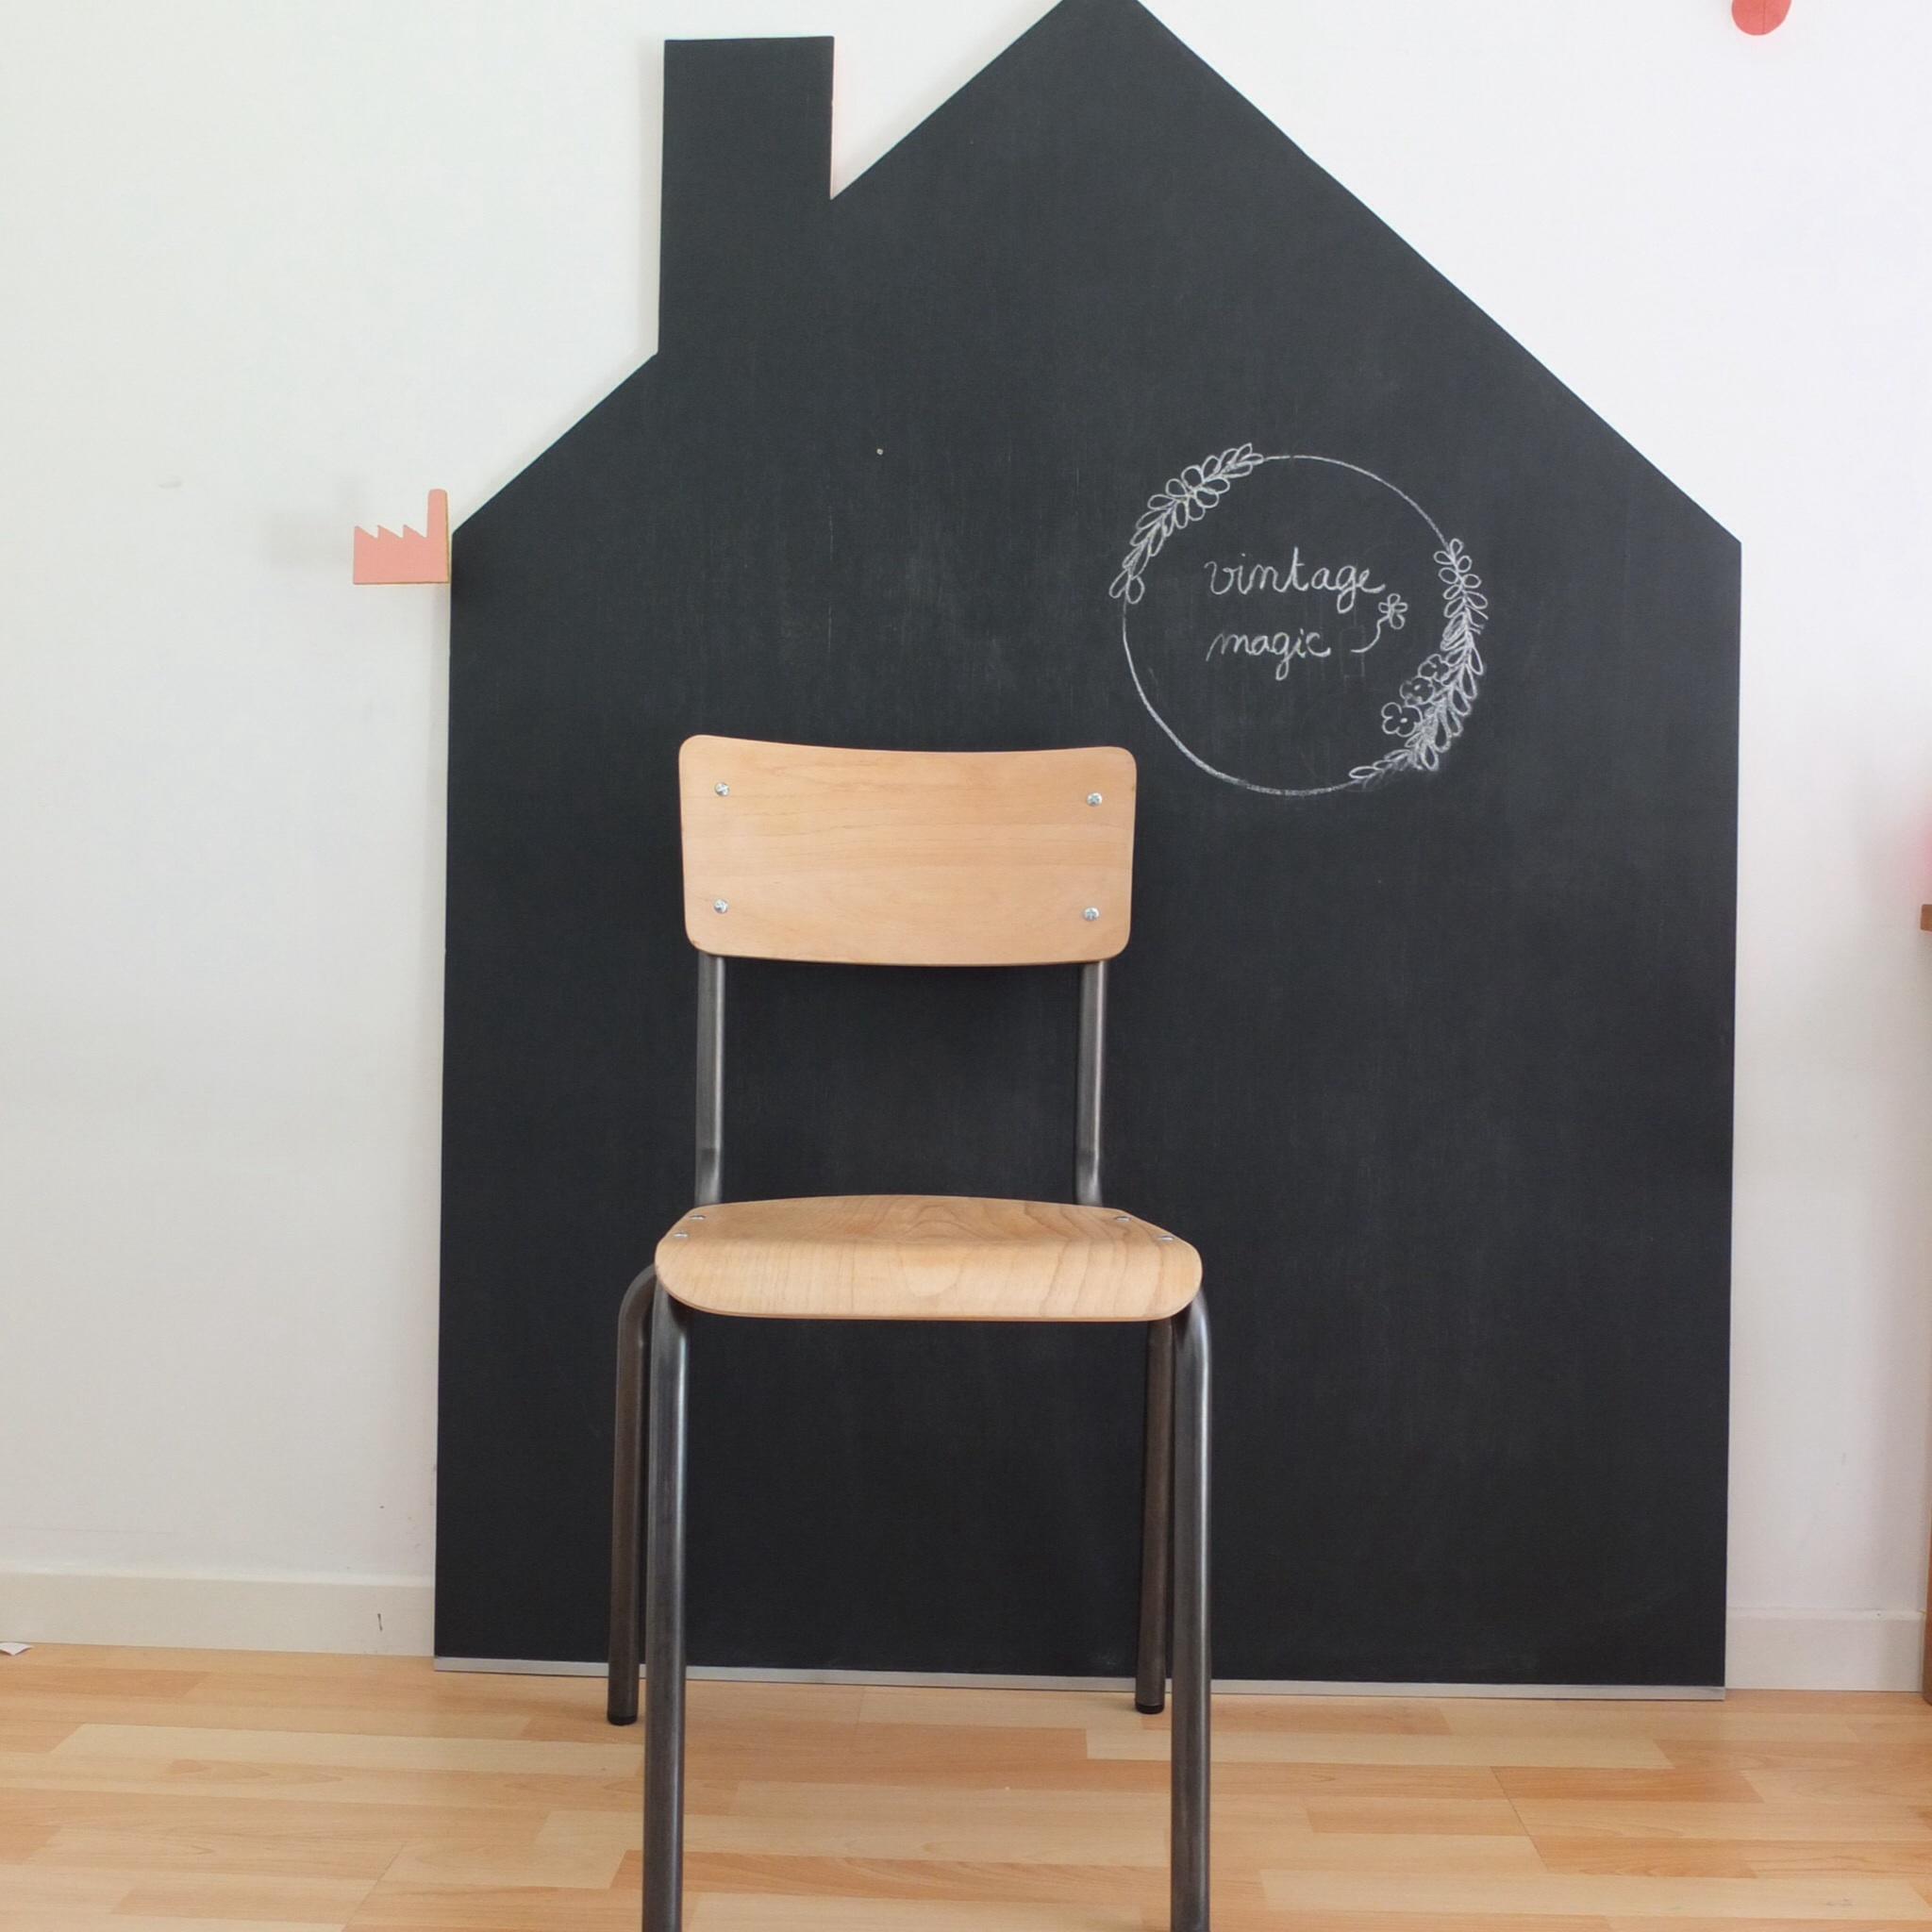 chaise d 39 cole bois brut et canon de fusil vintage magic. Black Bedroom Furniture Sets. Home Design Ideas